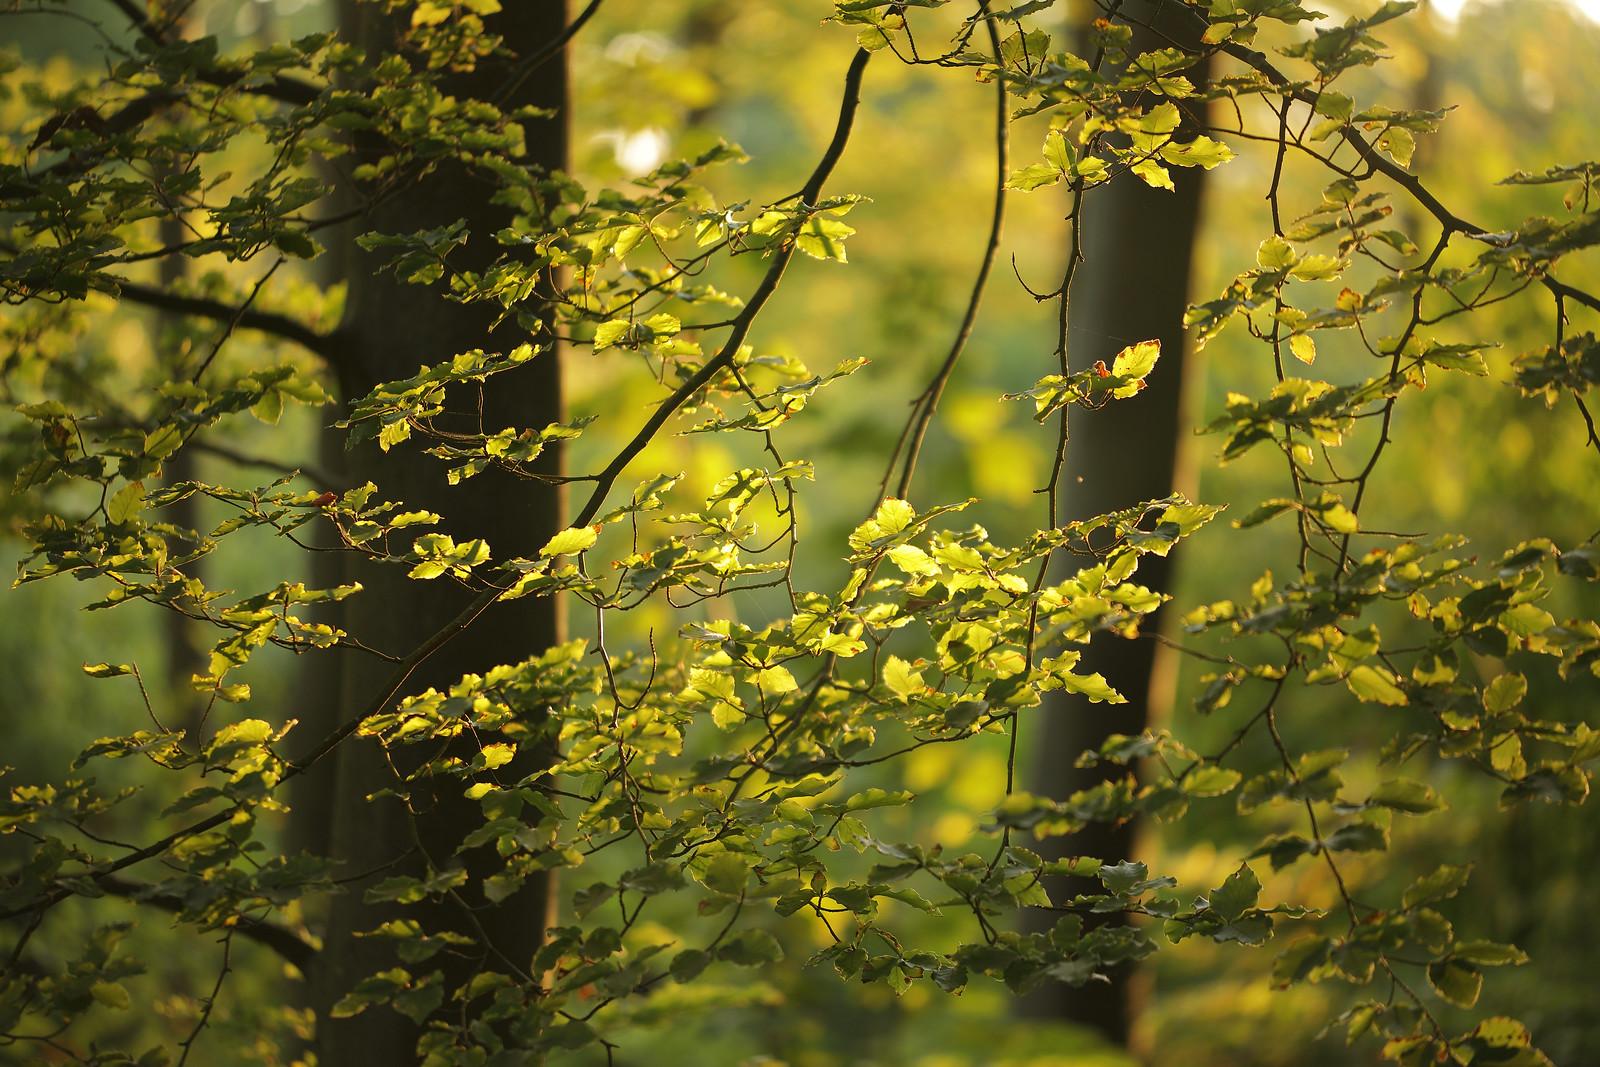 Friston Forest in September